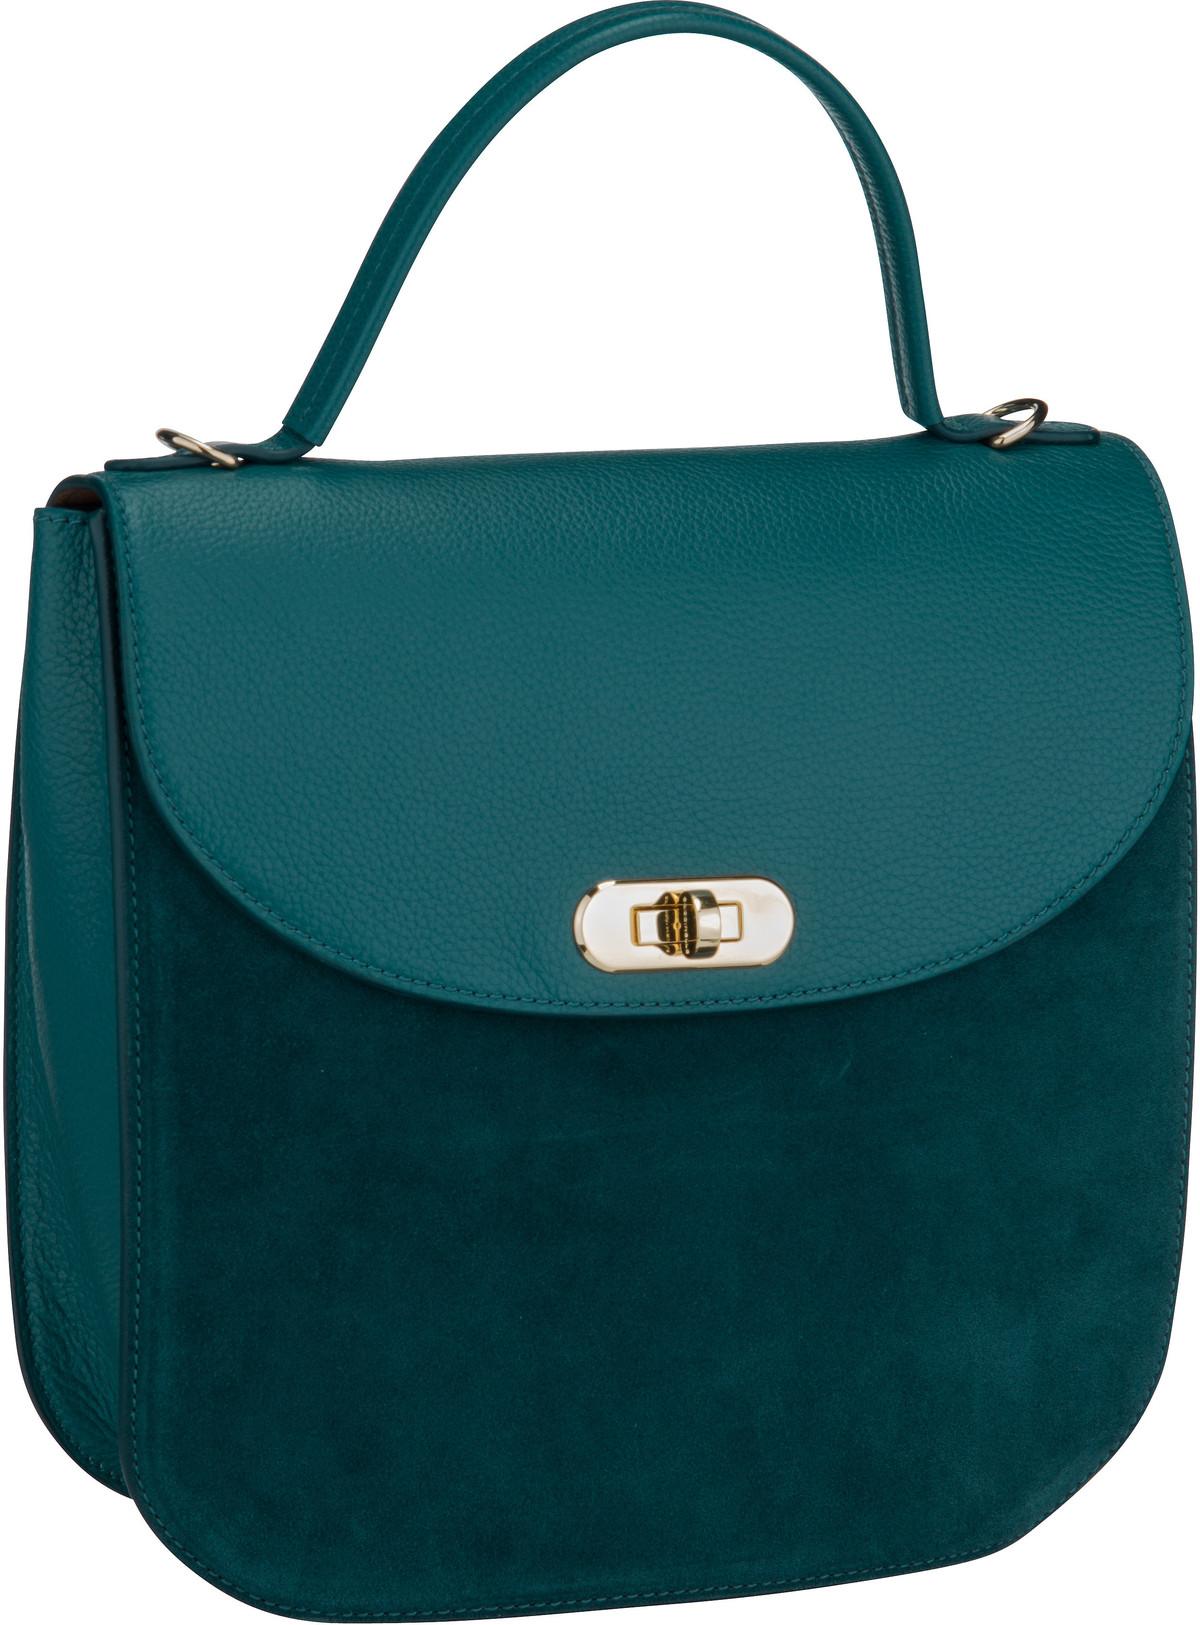 Handtasche Greez Bimaterial 1801 Teal